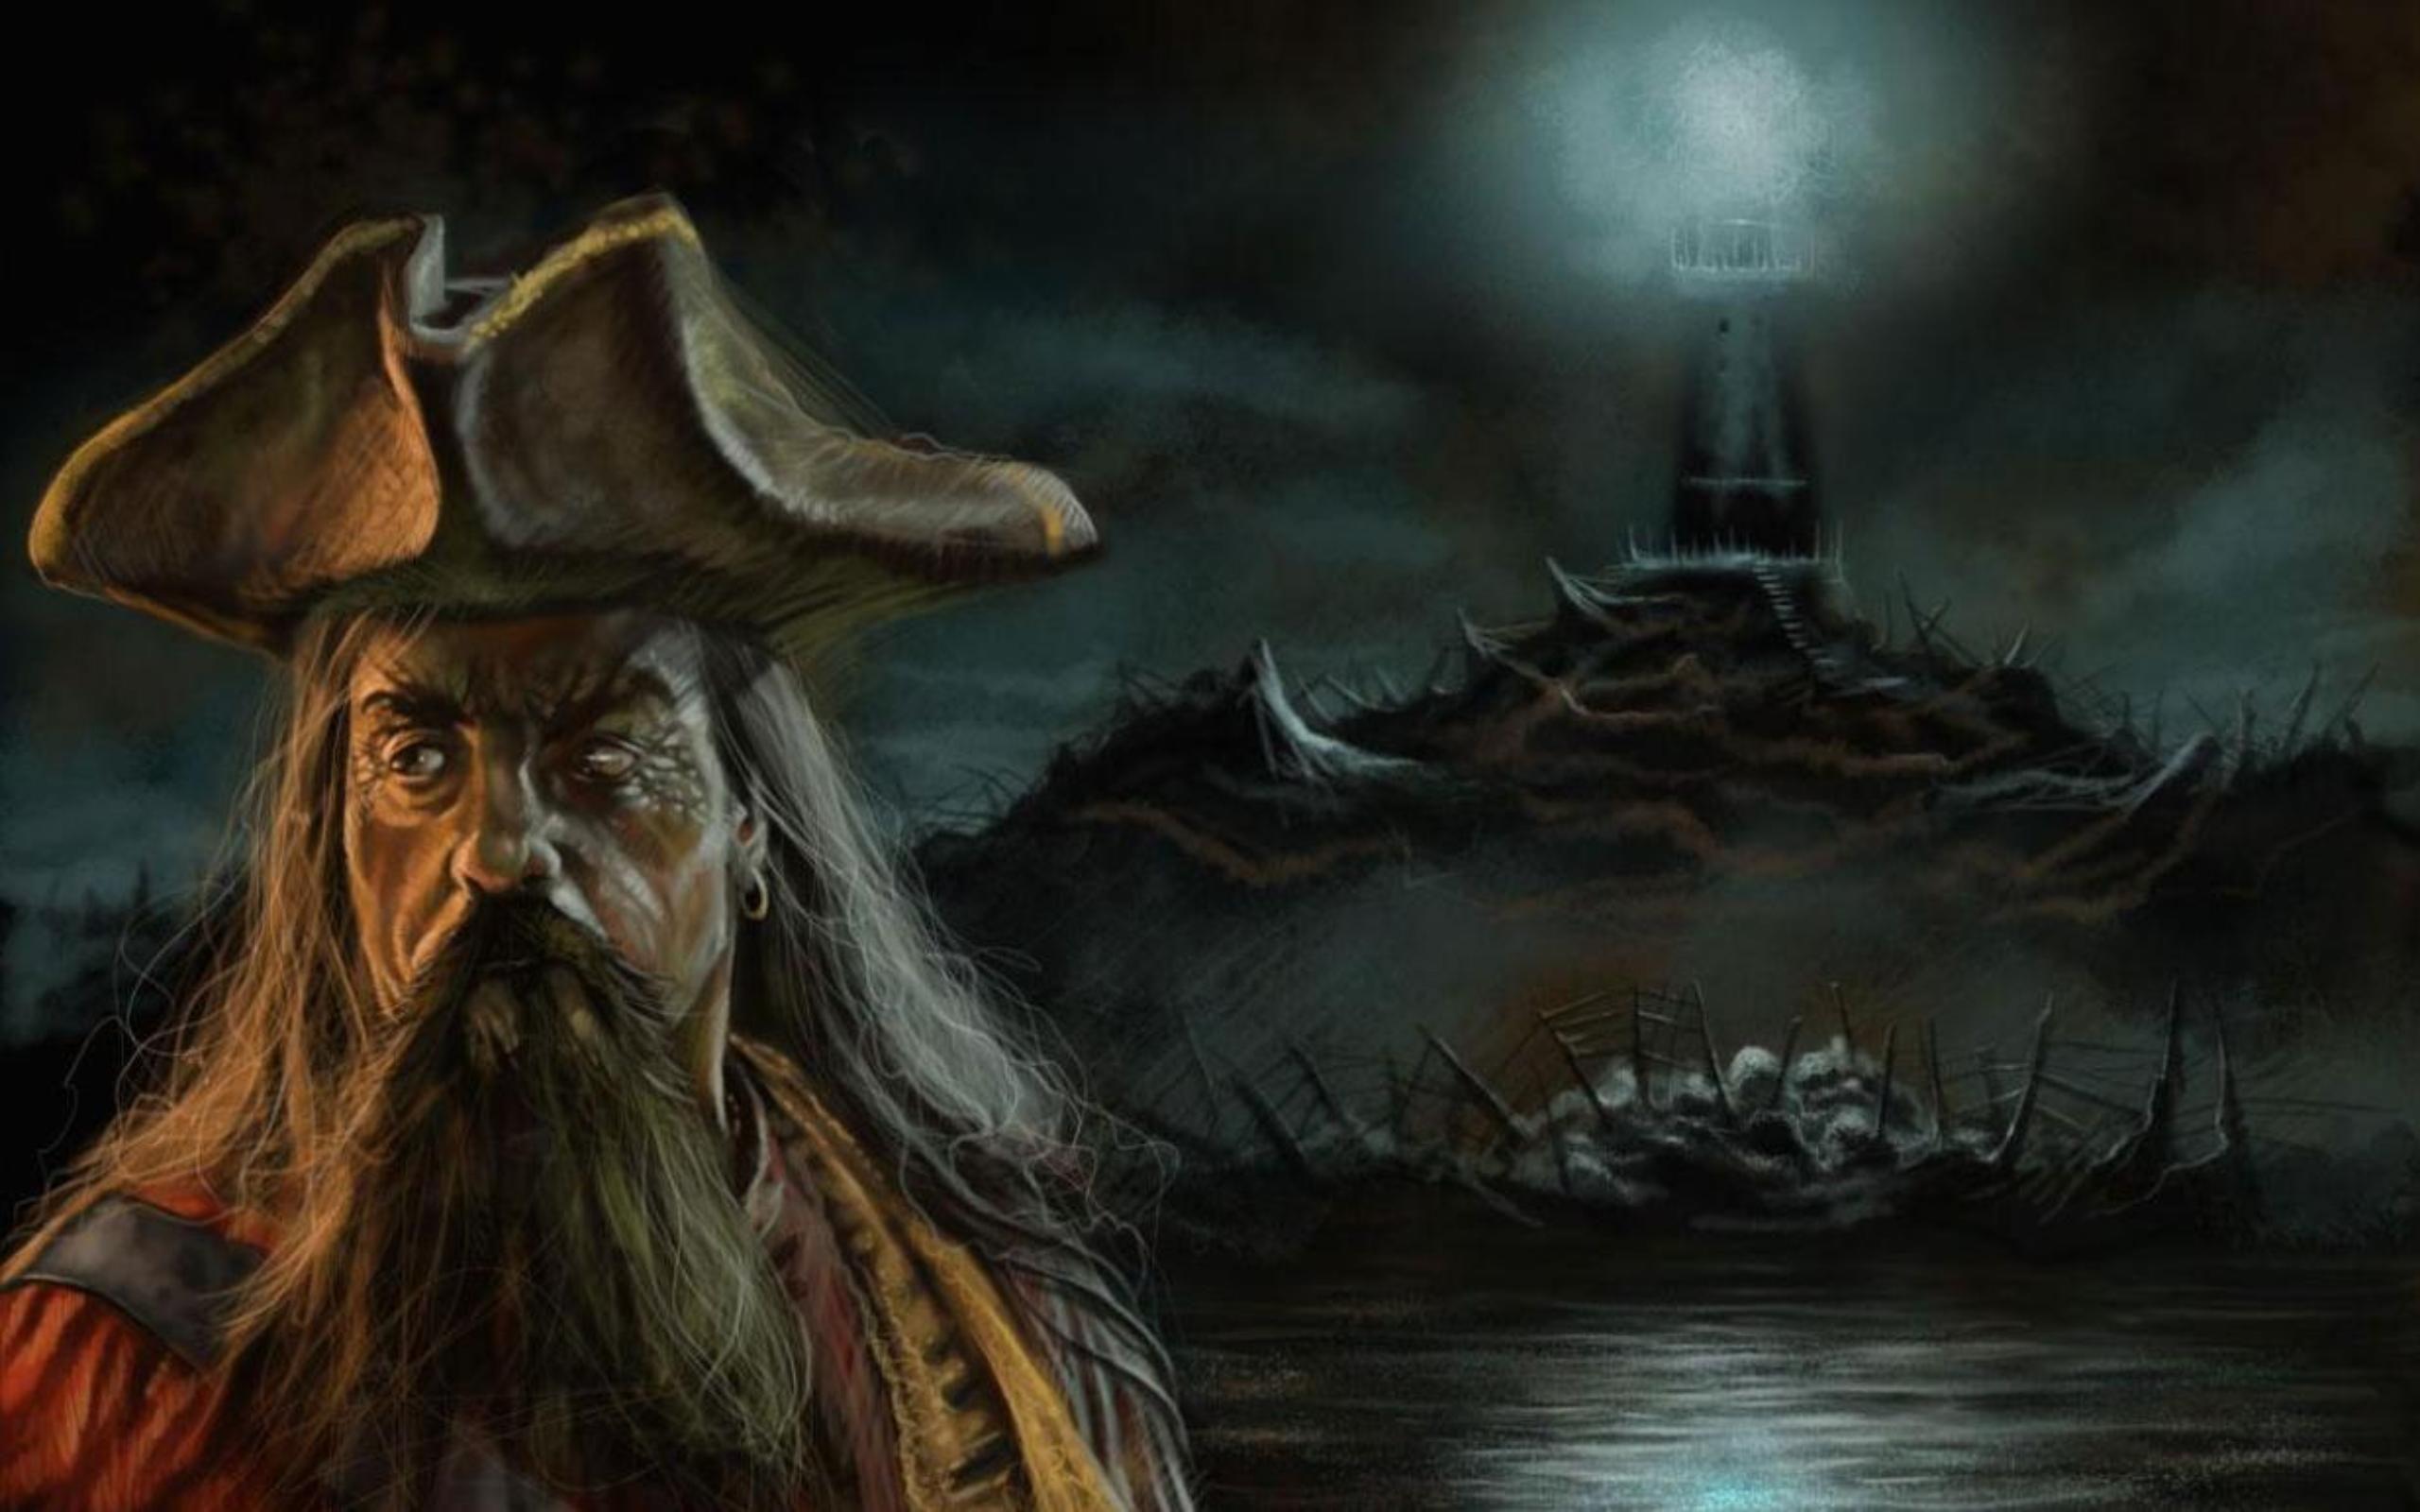 Blackbeard Wallpapers Top Free Blackbeard Backgrounds